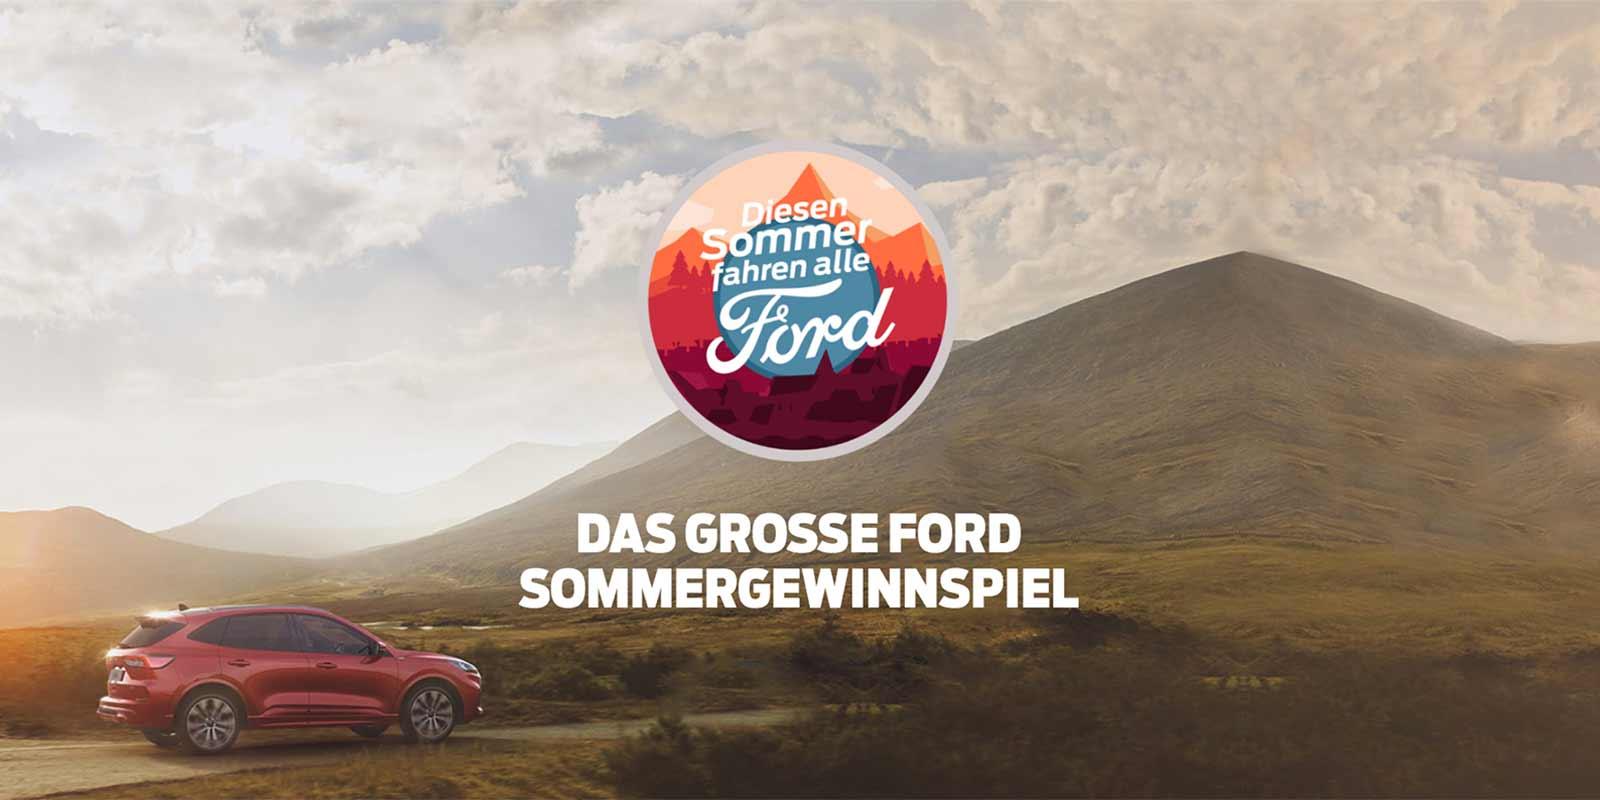 Das große Ford Sommergewinnspiel